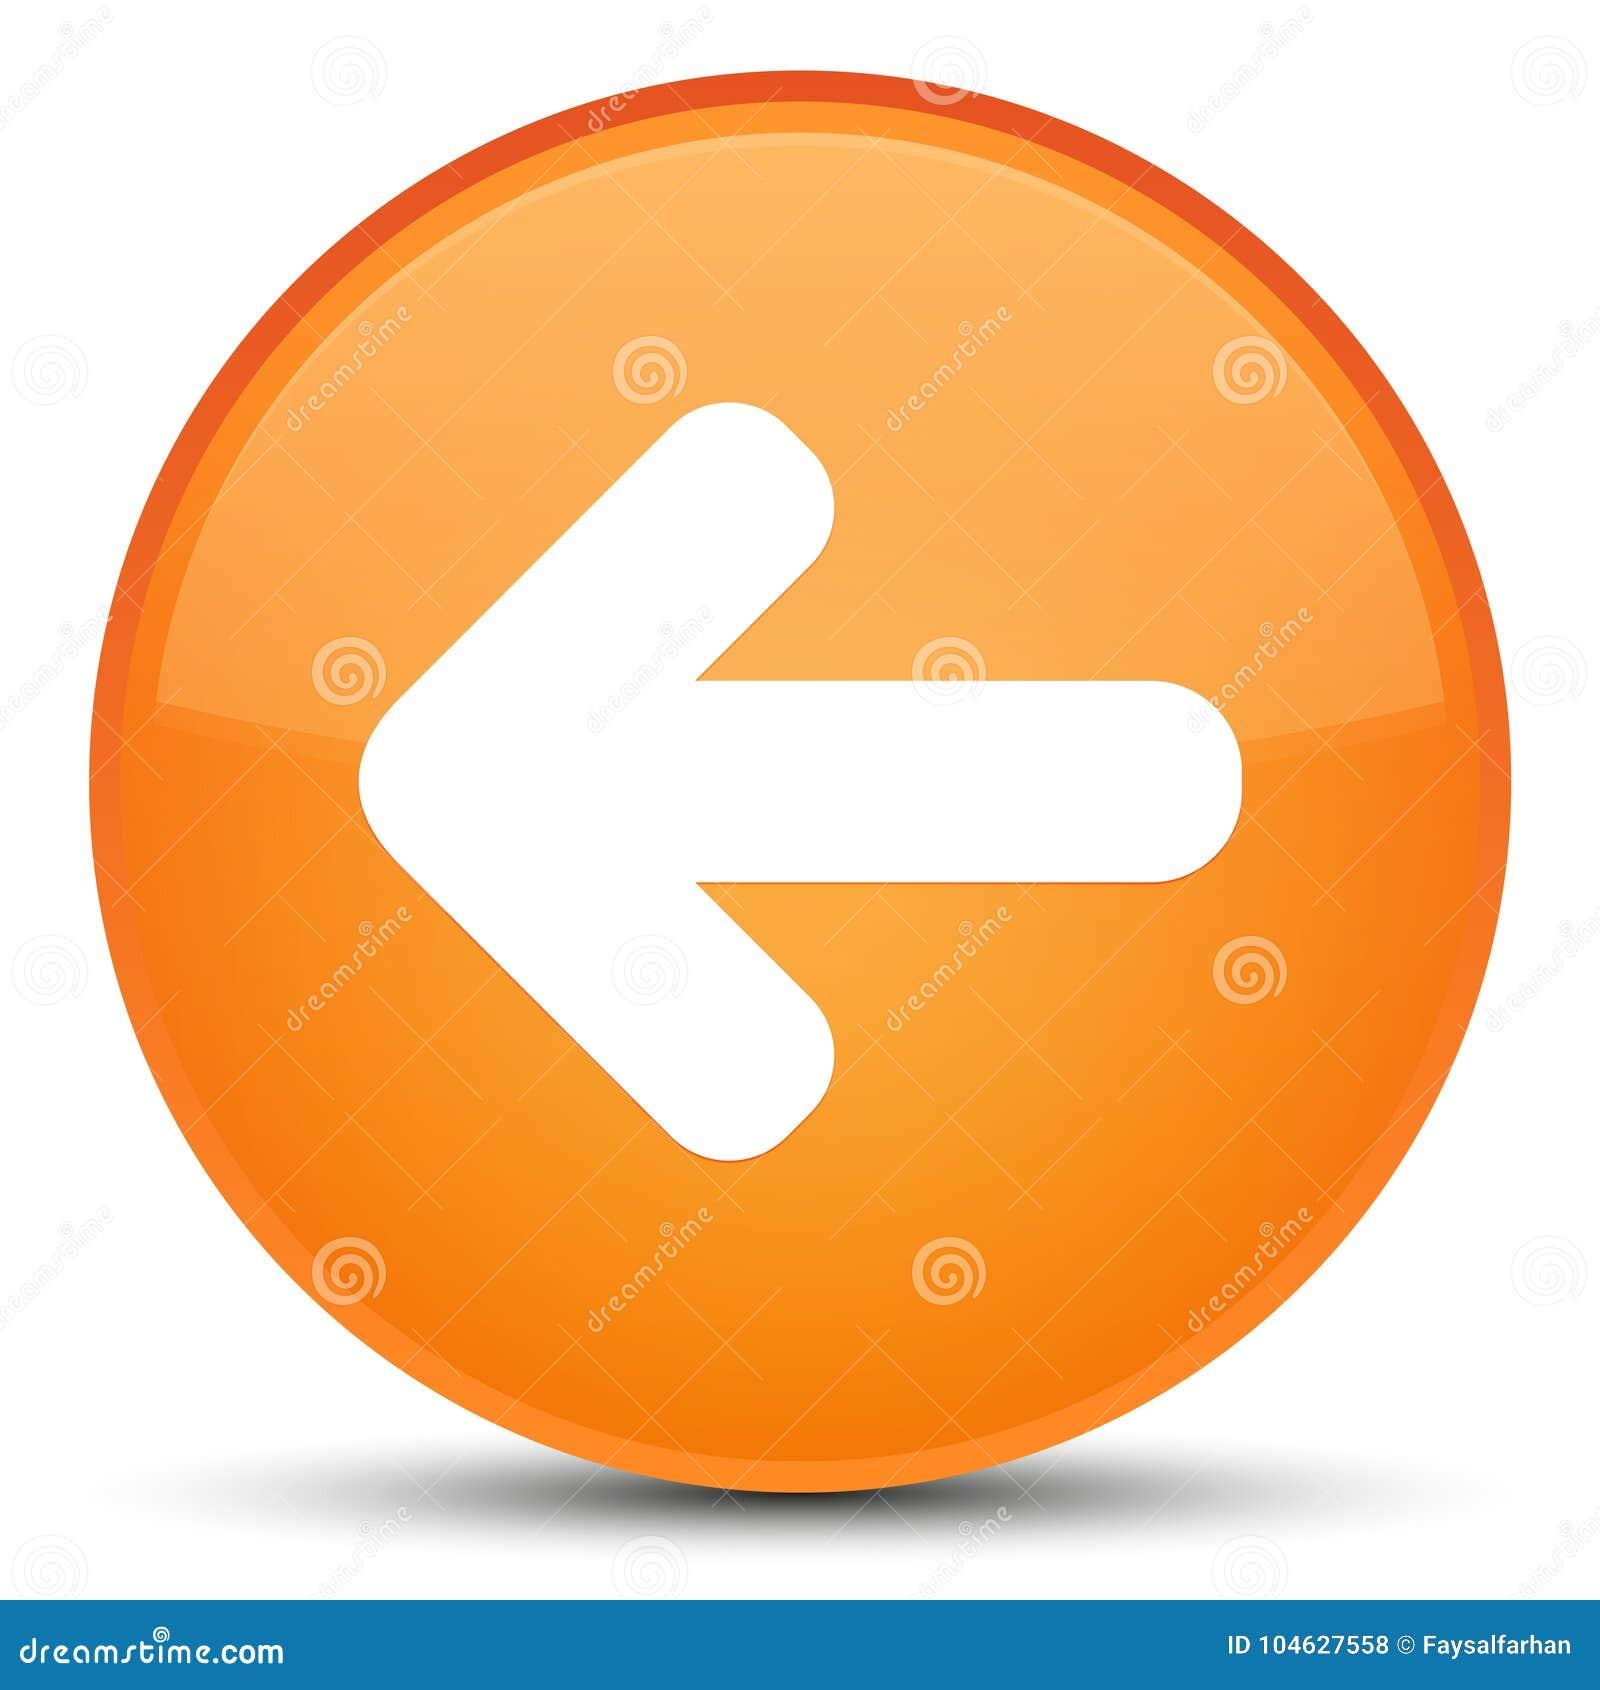 Download De Achter Speciale Oranje Ronde Knoop Van Het Pijlpictogram Stock Illustratie - Illustratie bestaande uit achteruit, vorig: 104627558